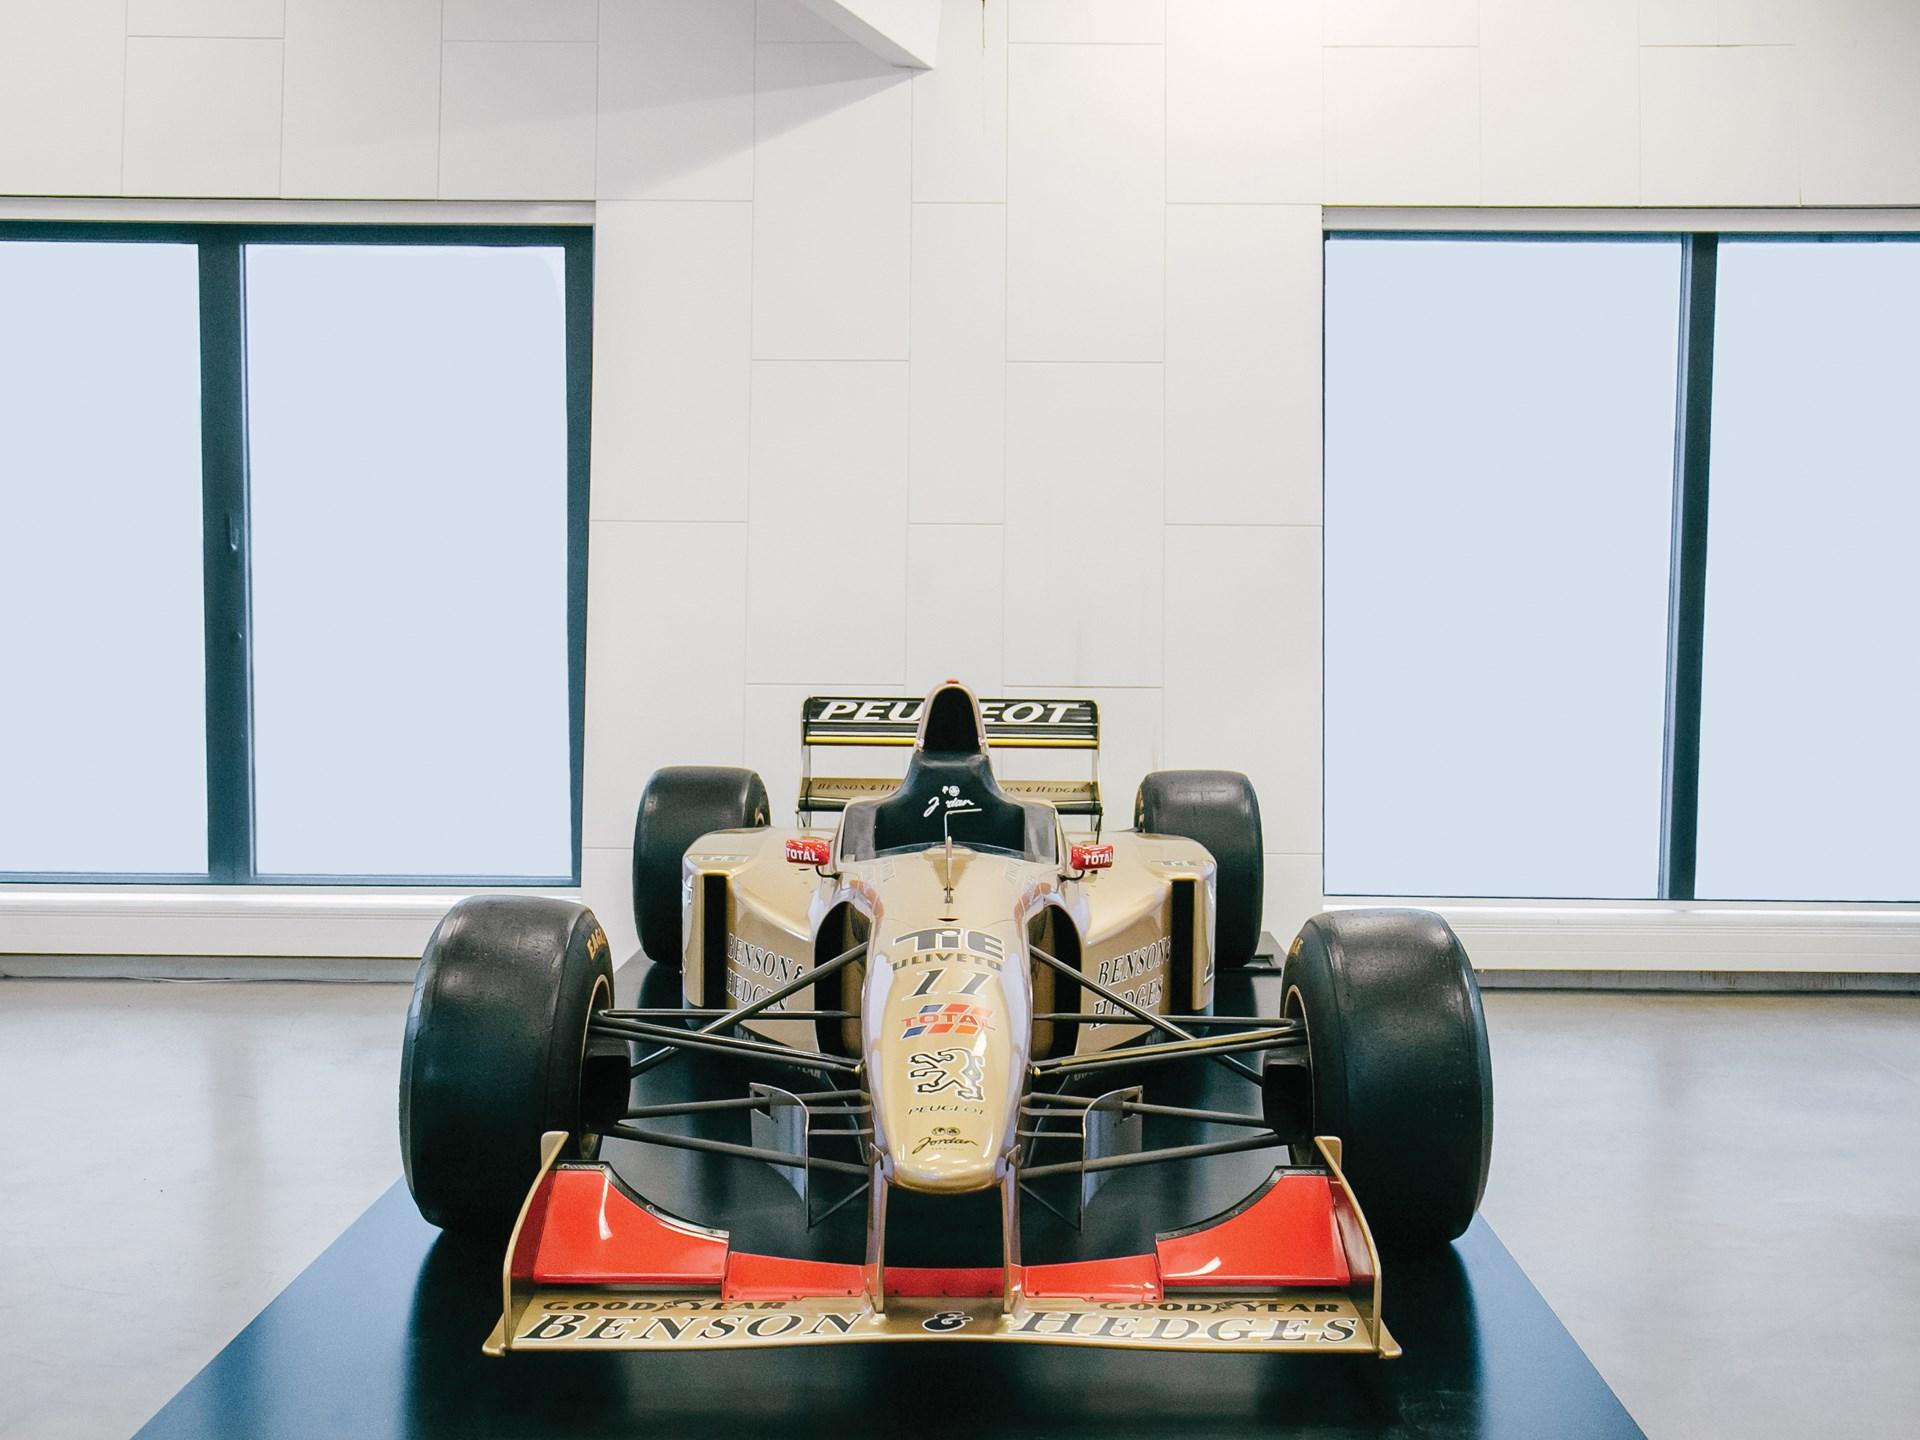 1996 Jordan 196 Formula 1